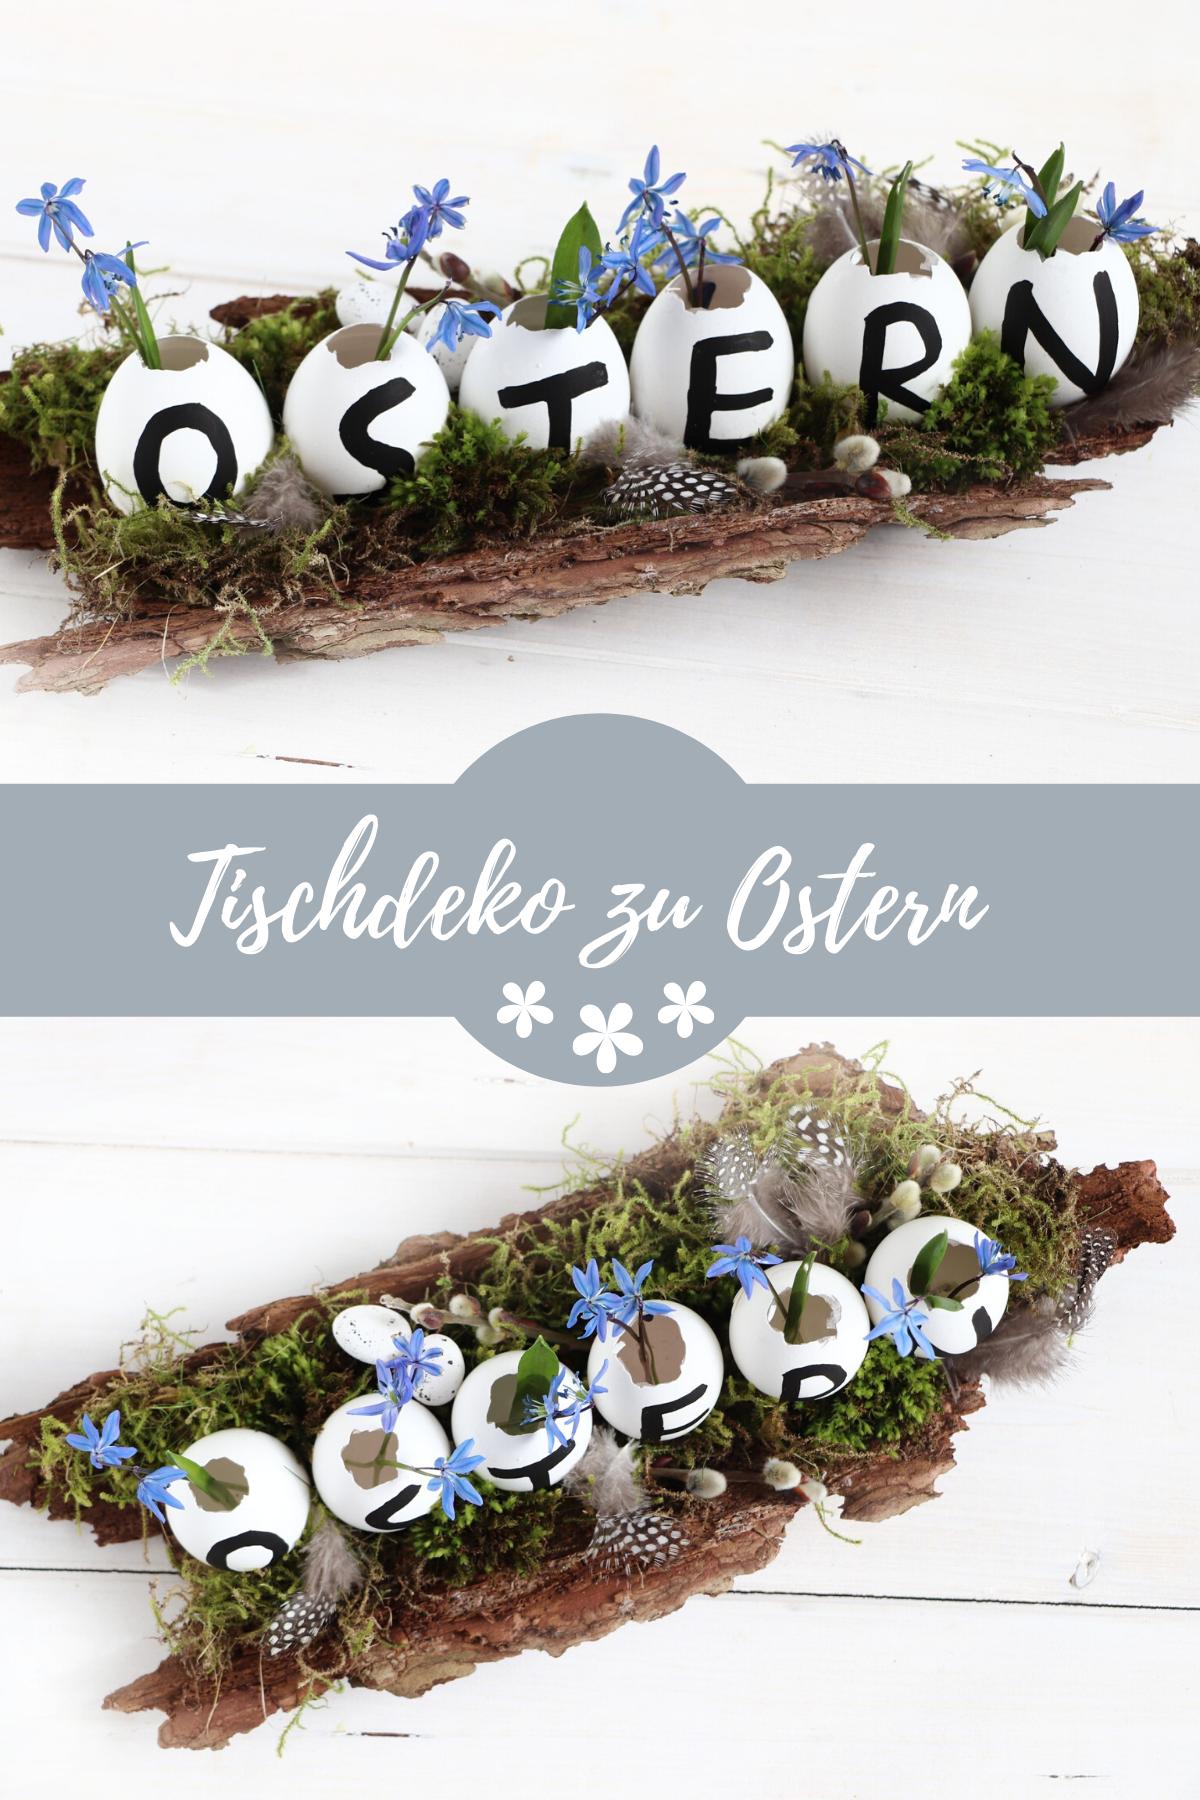 Ostern: Tischdeko-Idee